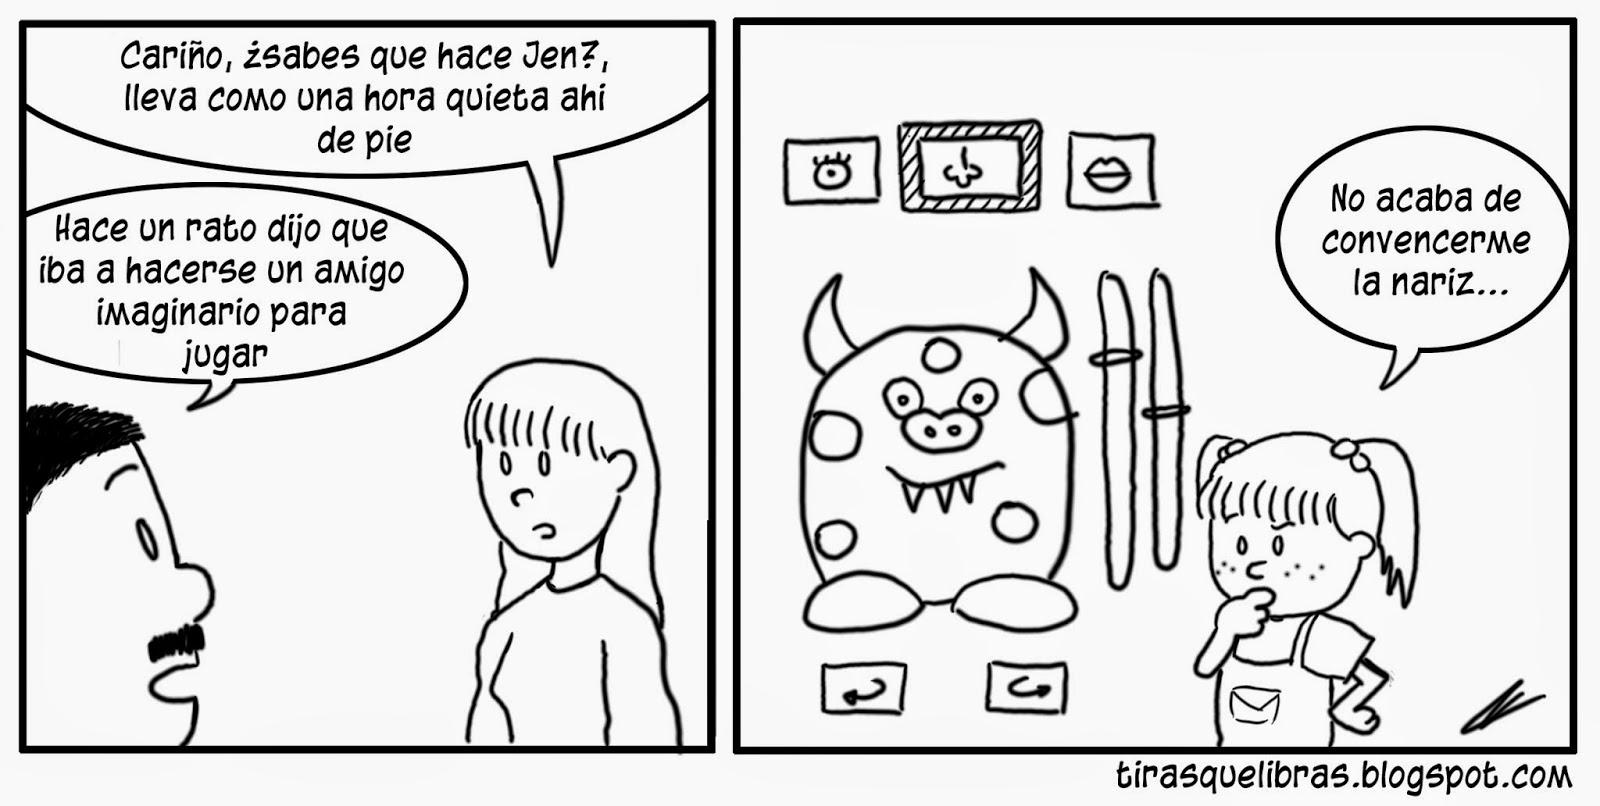 webcomic, jen tiene un amigo imaginario